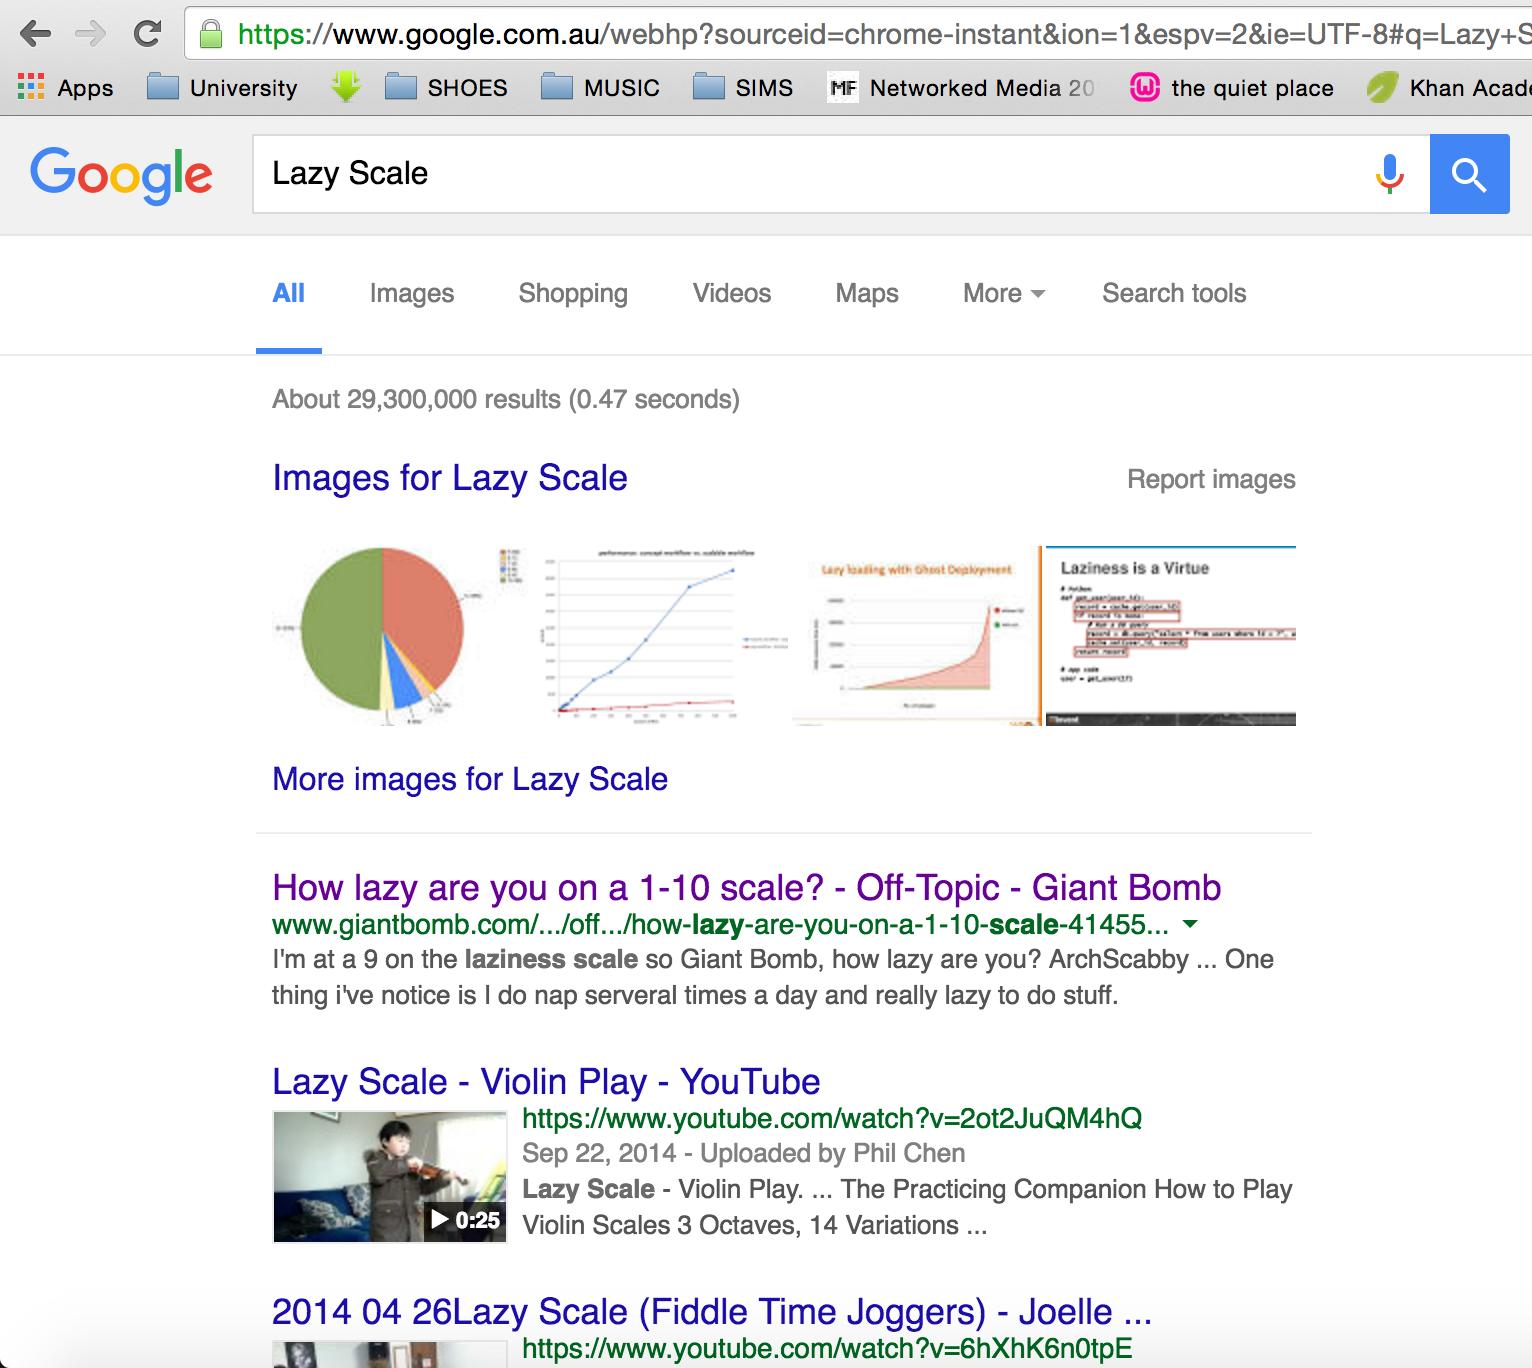 Google Search - https://www.google.com.au/webhp?sourceid=chrome-instant&ion=1&espv=2&ie=UTF-8#q=Lazy+Scale